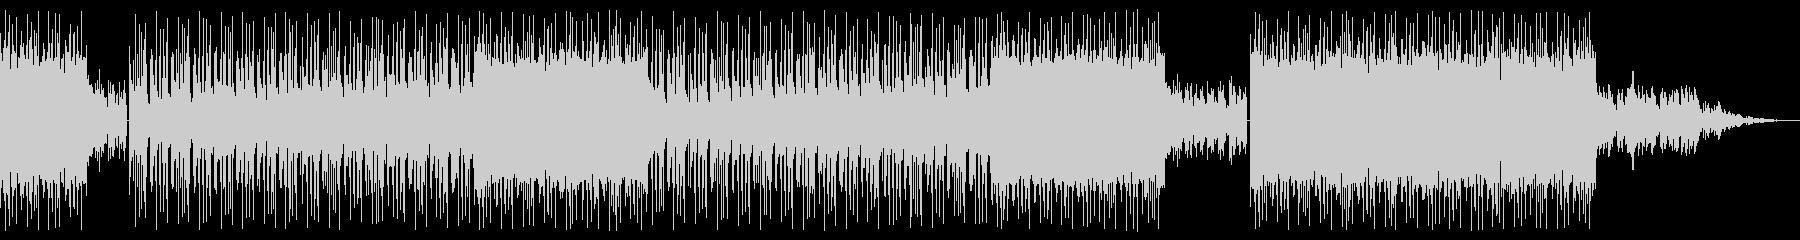 壮大で儚げなBGMの未再生の波形